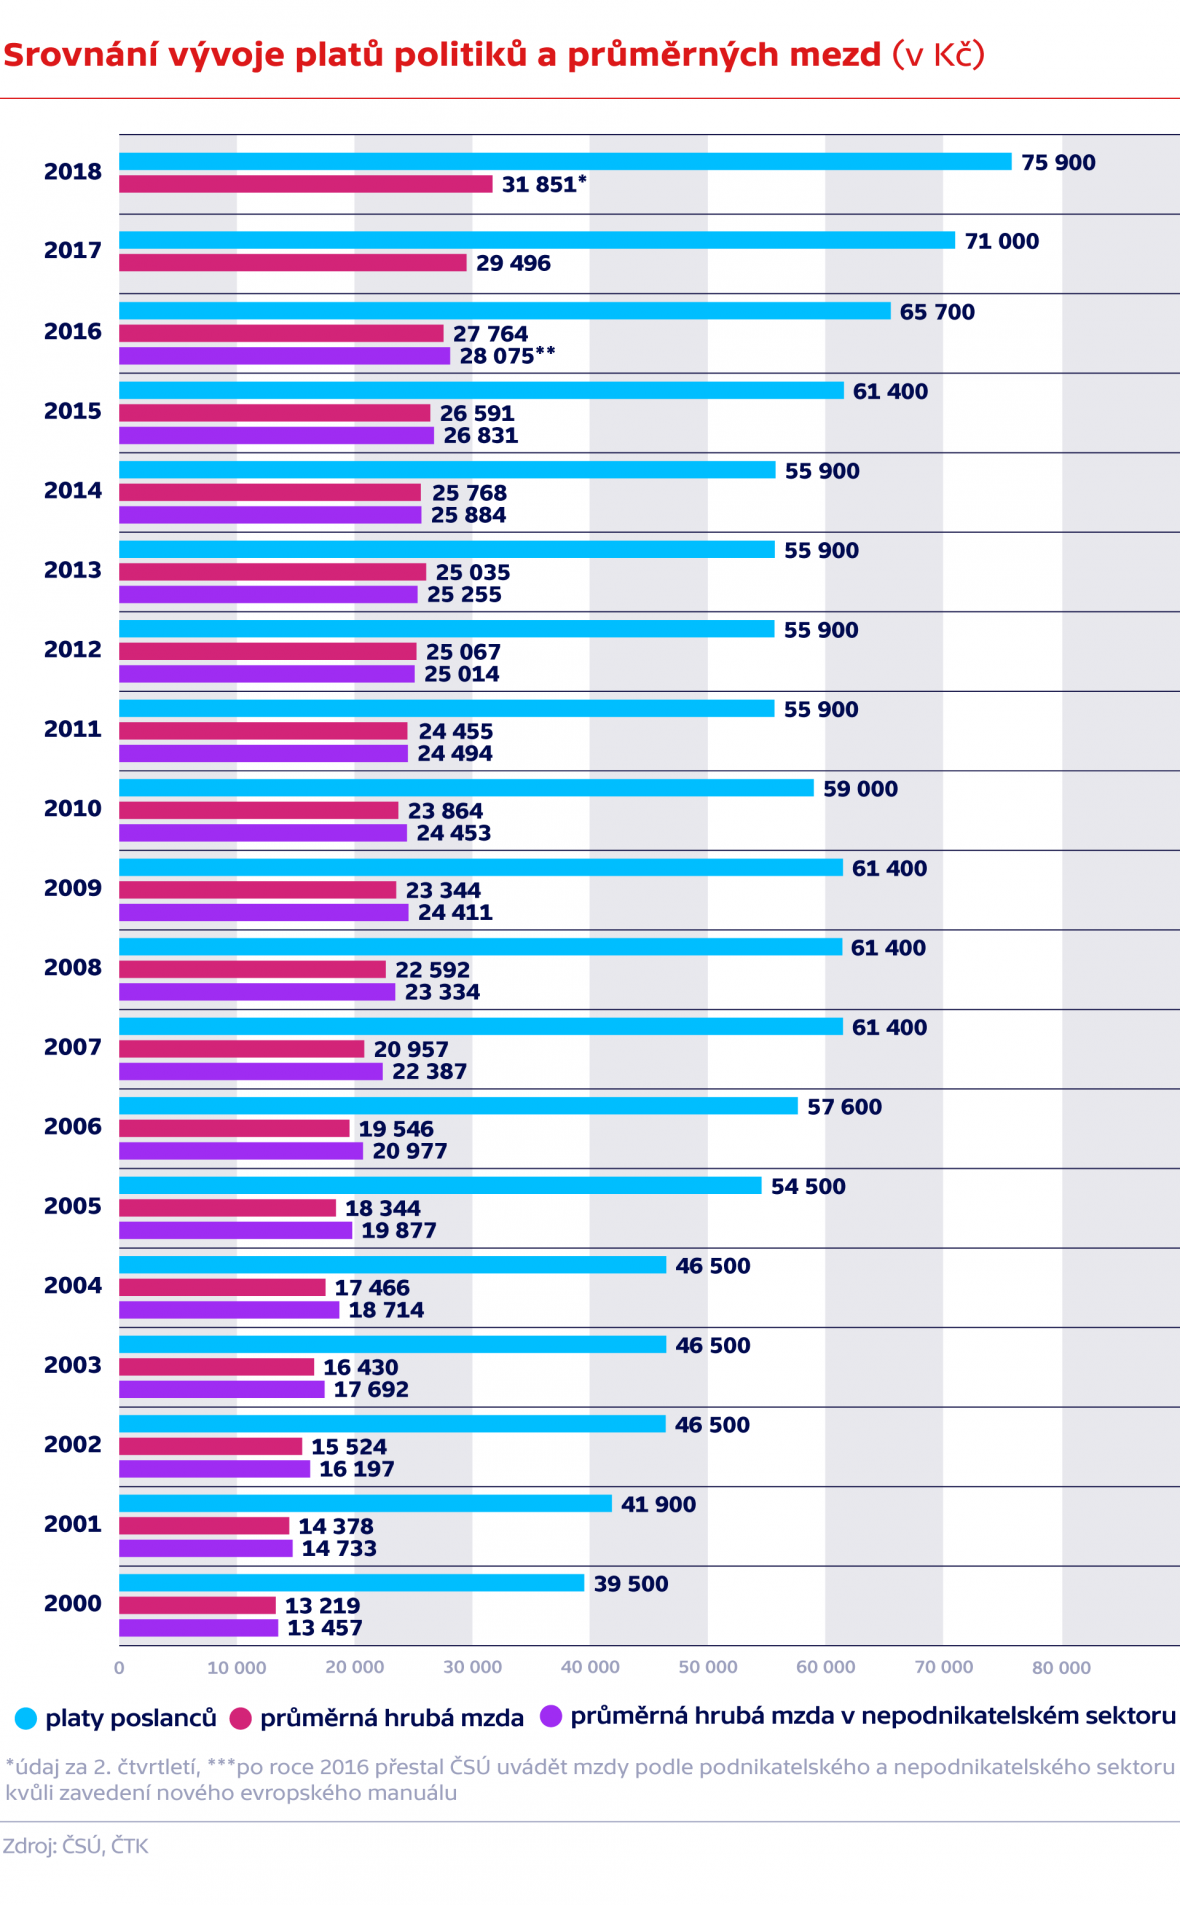 Srovnání vývoje platů politiků a průměrných mezd (v Kč)